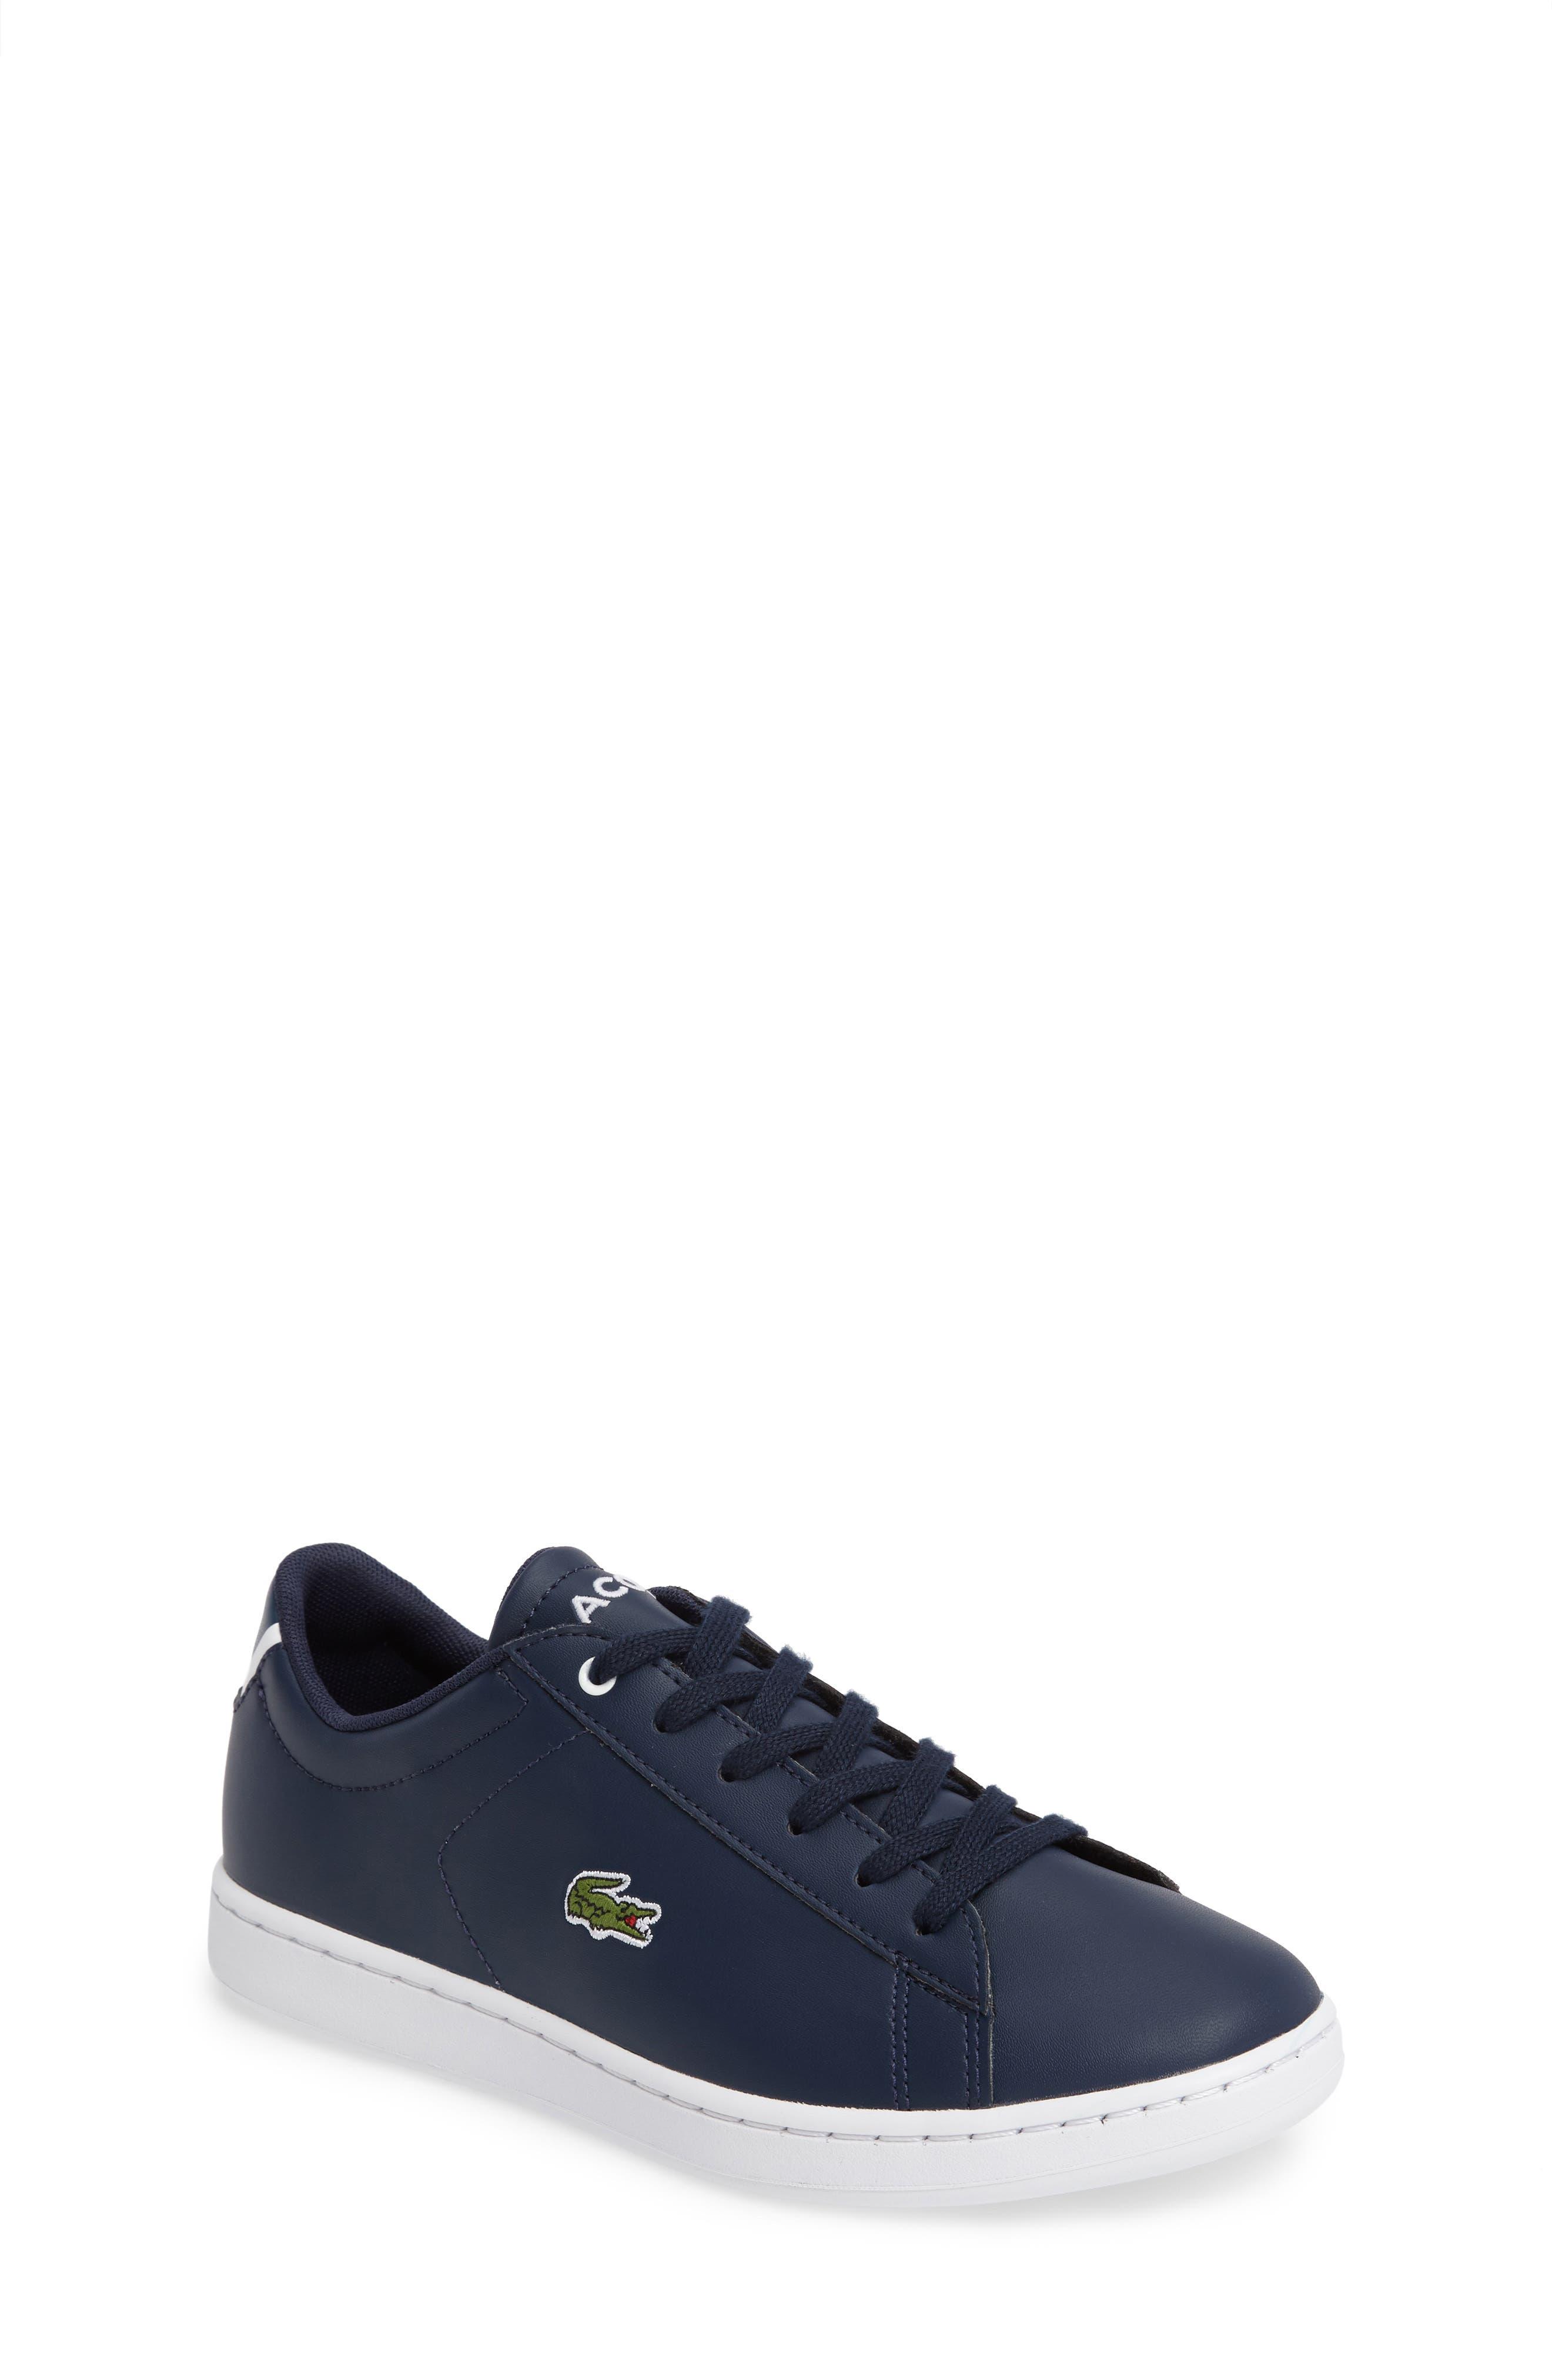 Lacoste Carnaby Evo Sneaker (Little Kid & Big Kid)